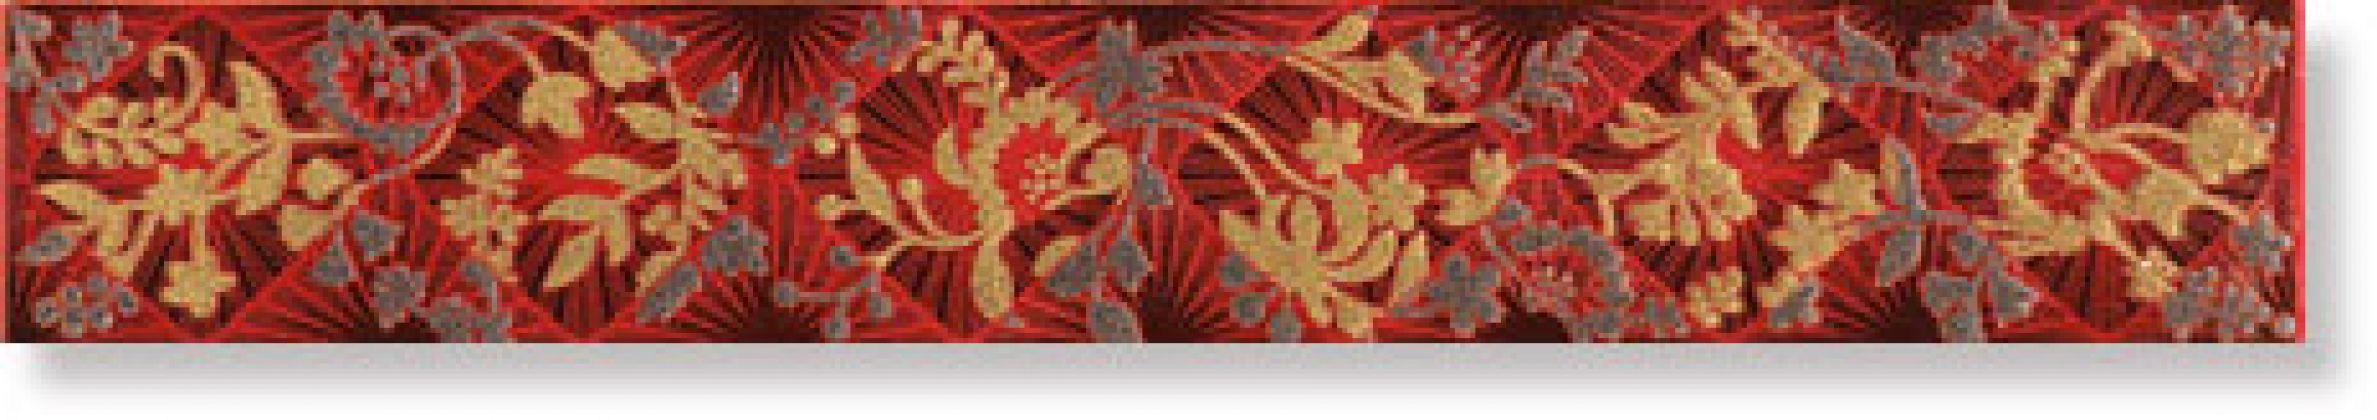 Бордюр Listelo Elegance Rojo 6x40